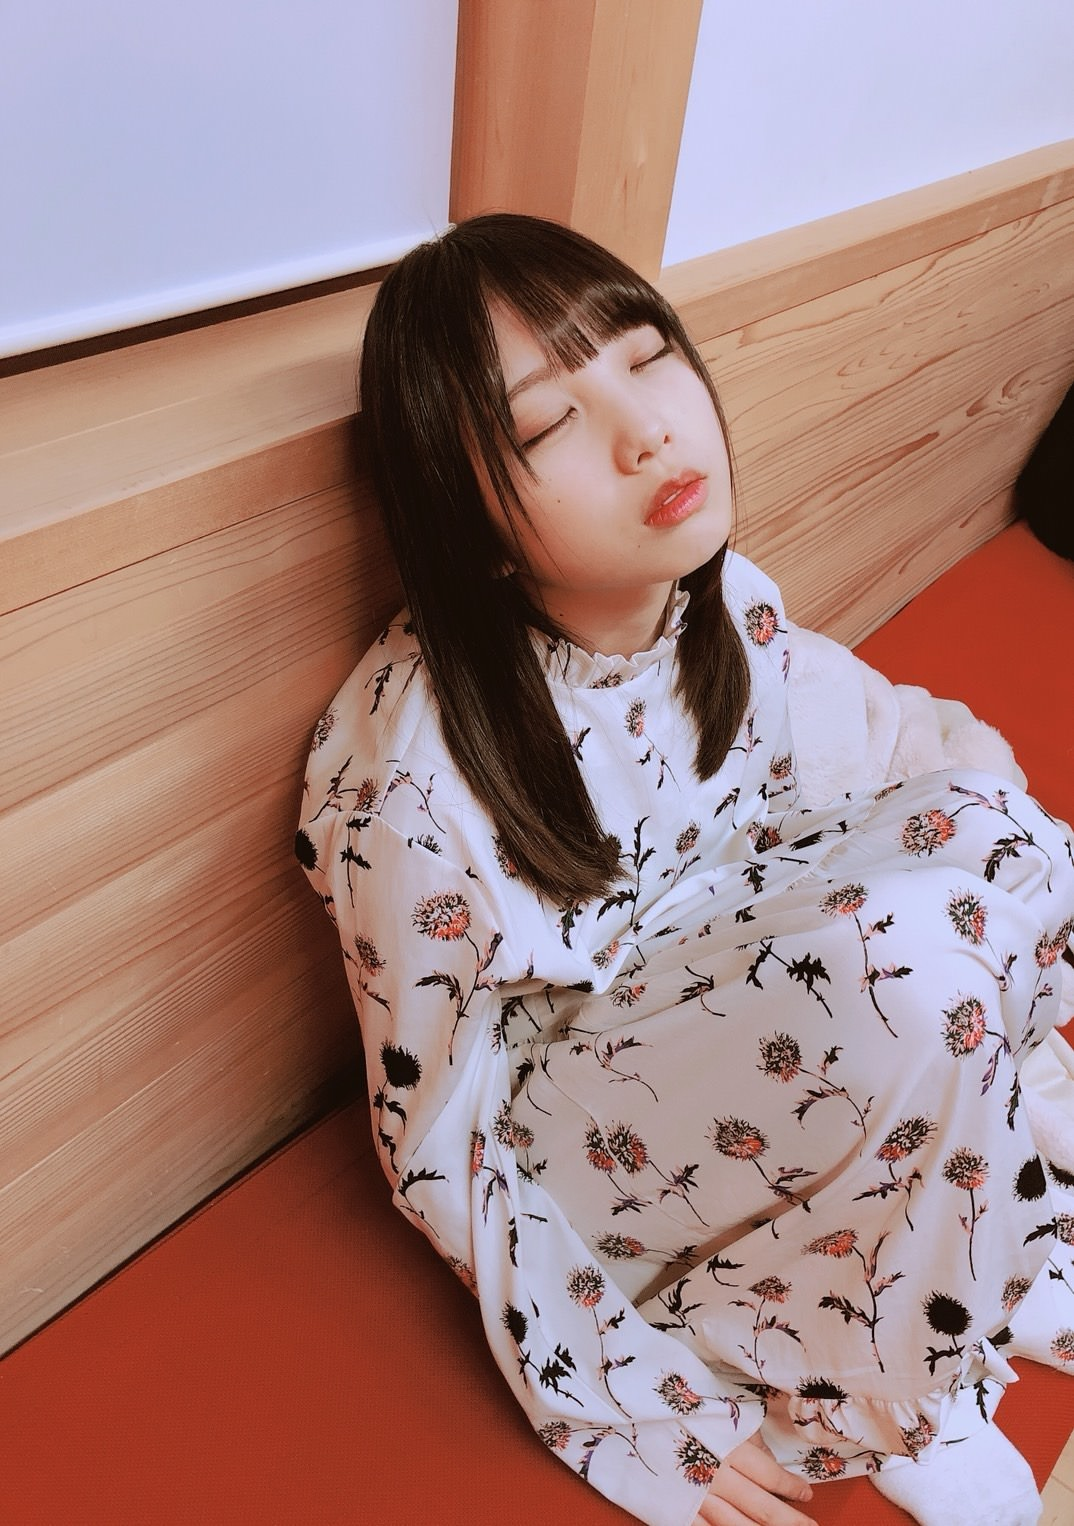 乃木坂46】与田ちゃんまた寝顔撮られてる。。。なんだこの可愛